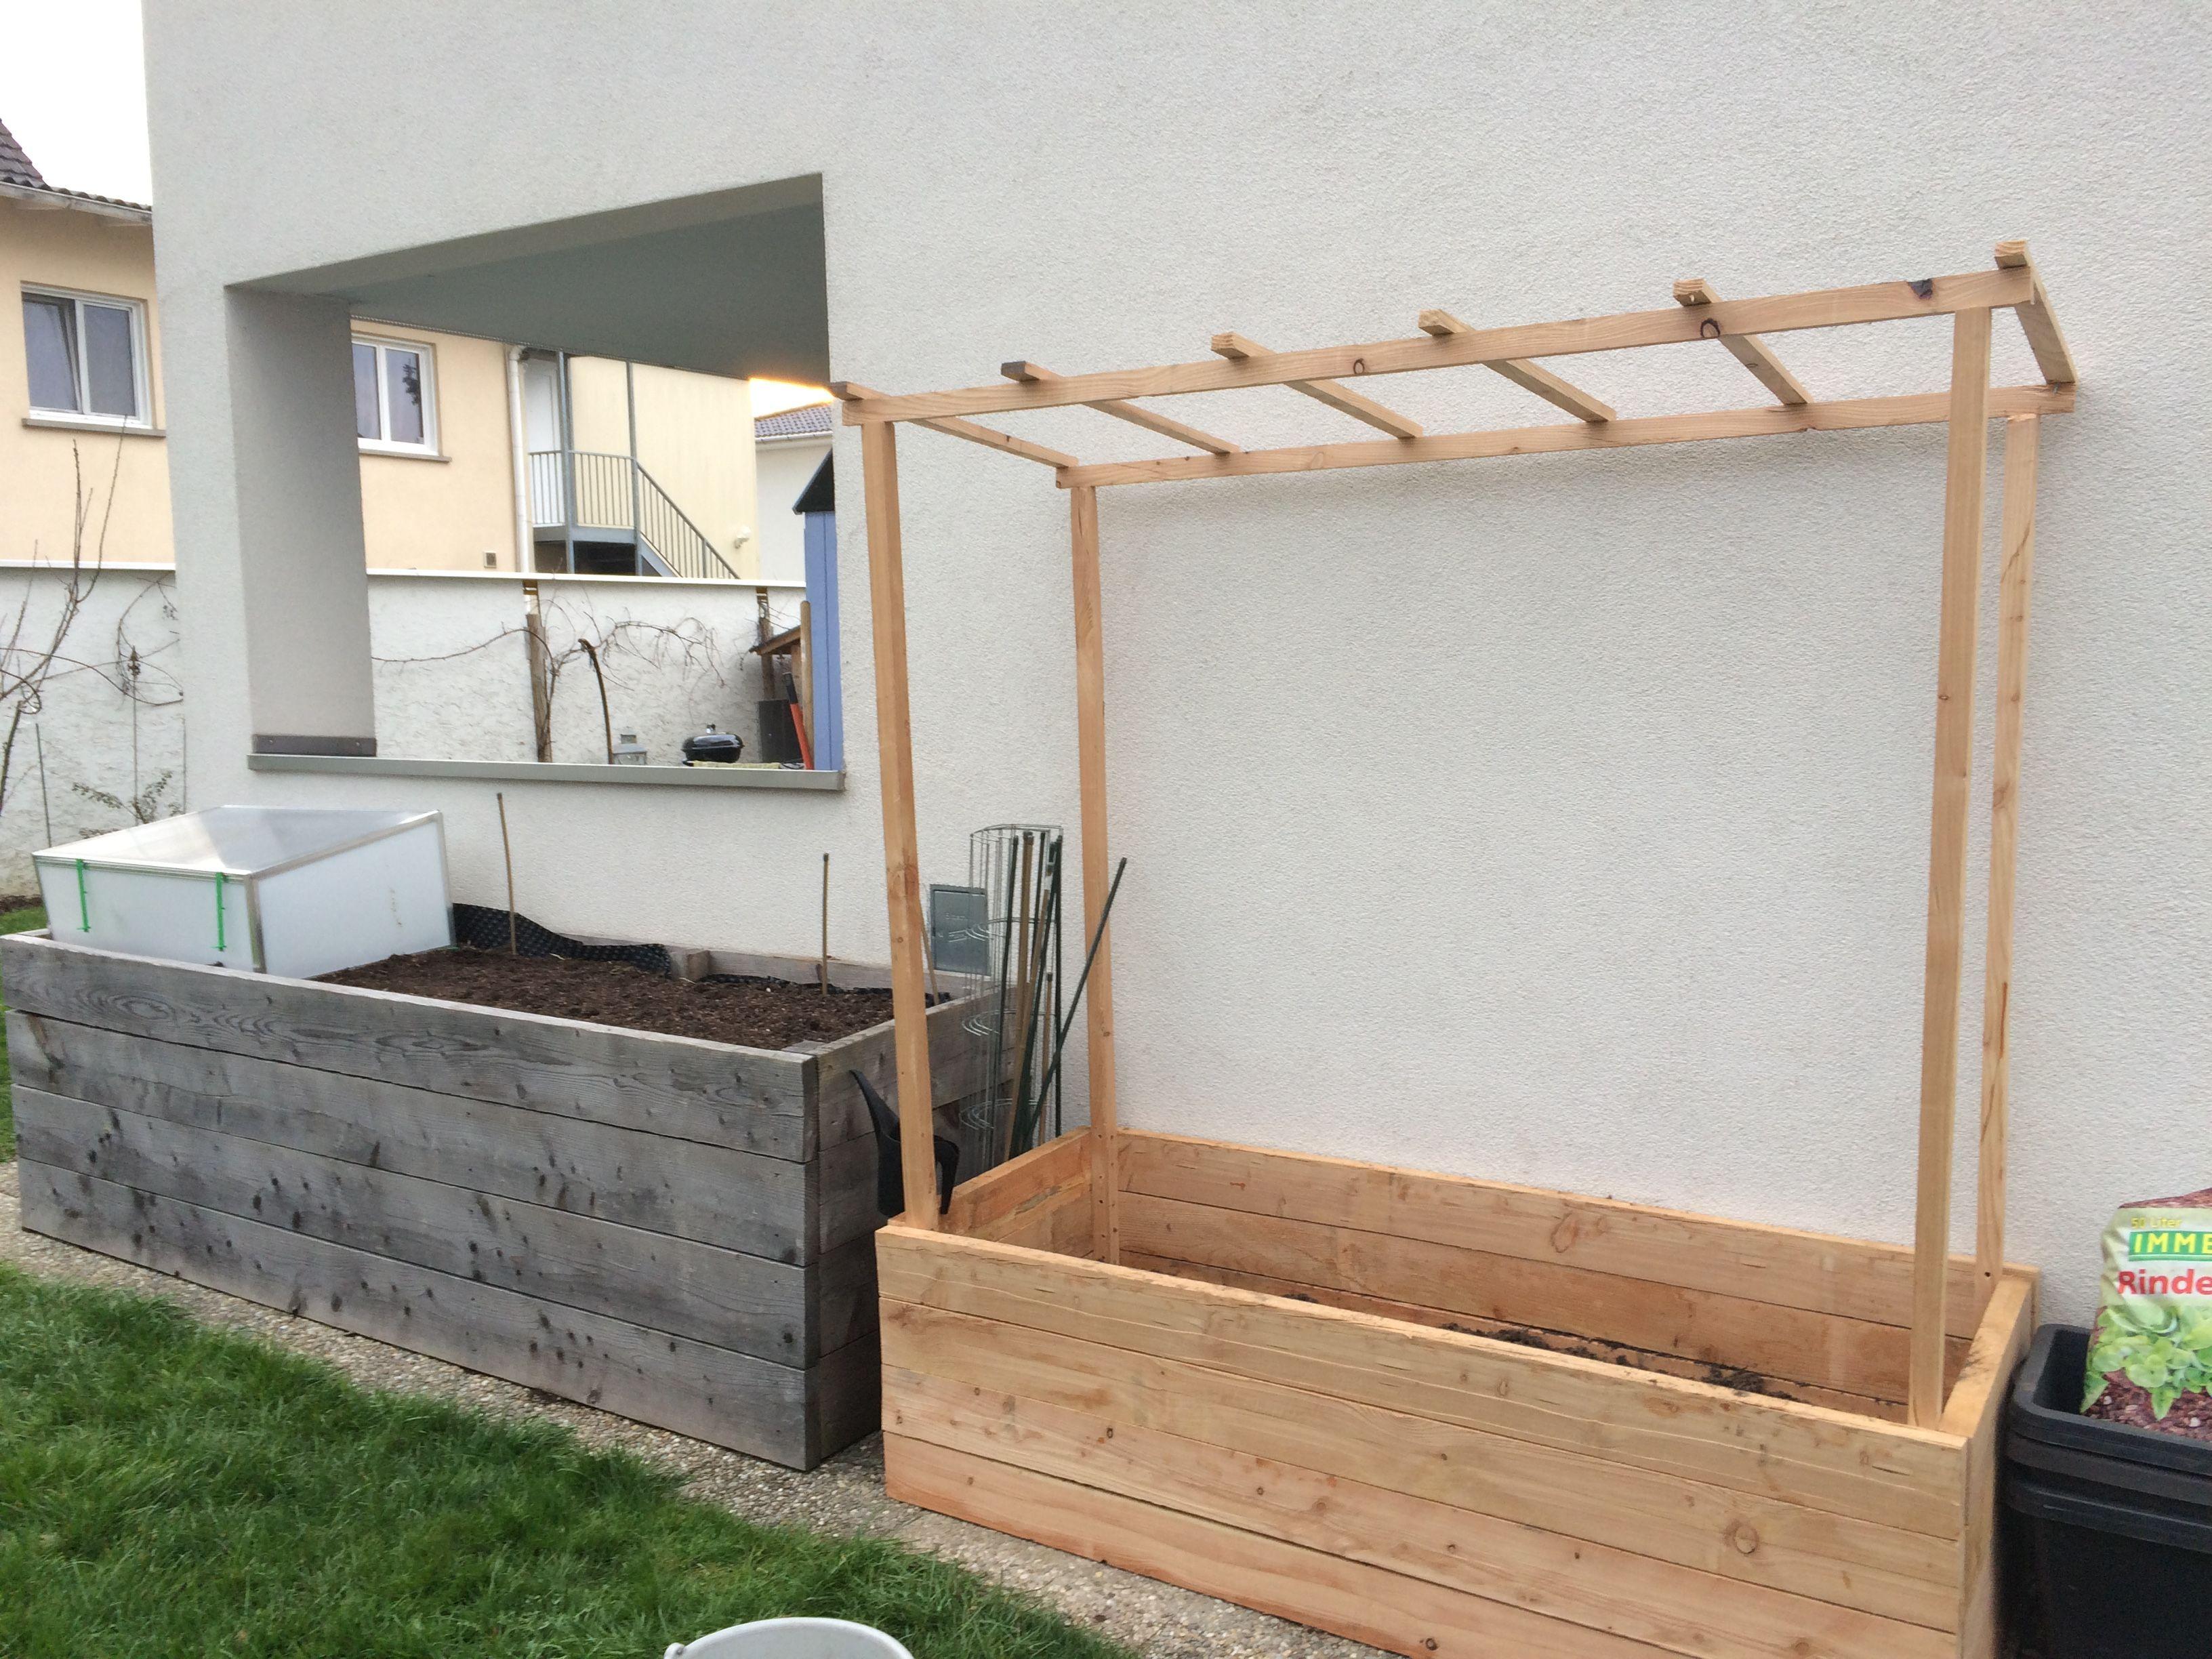 saatzeit tomatenbeet the new one garten pinterest gem segarten hochbeet und g rten. Black Bedroom Furniture Sets. Home Design Ideas